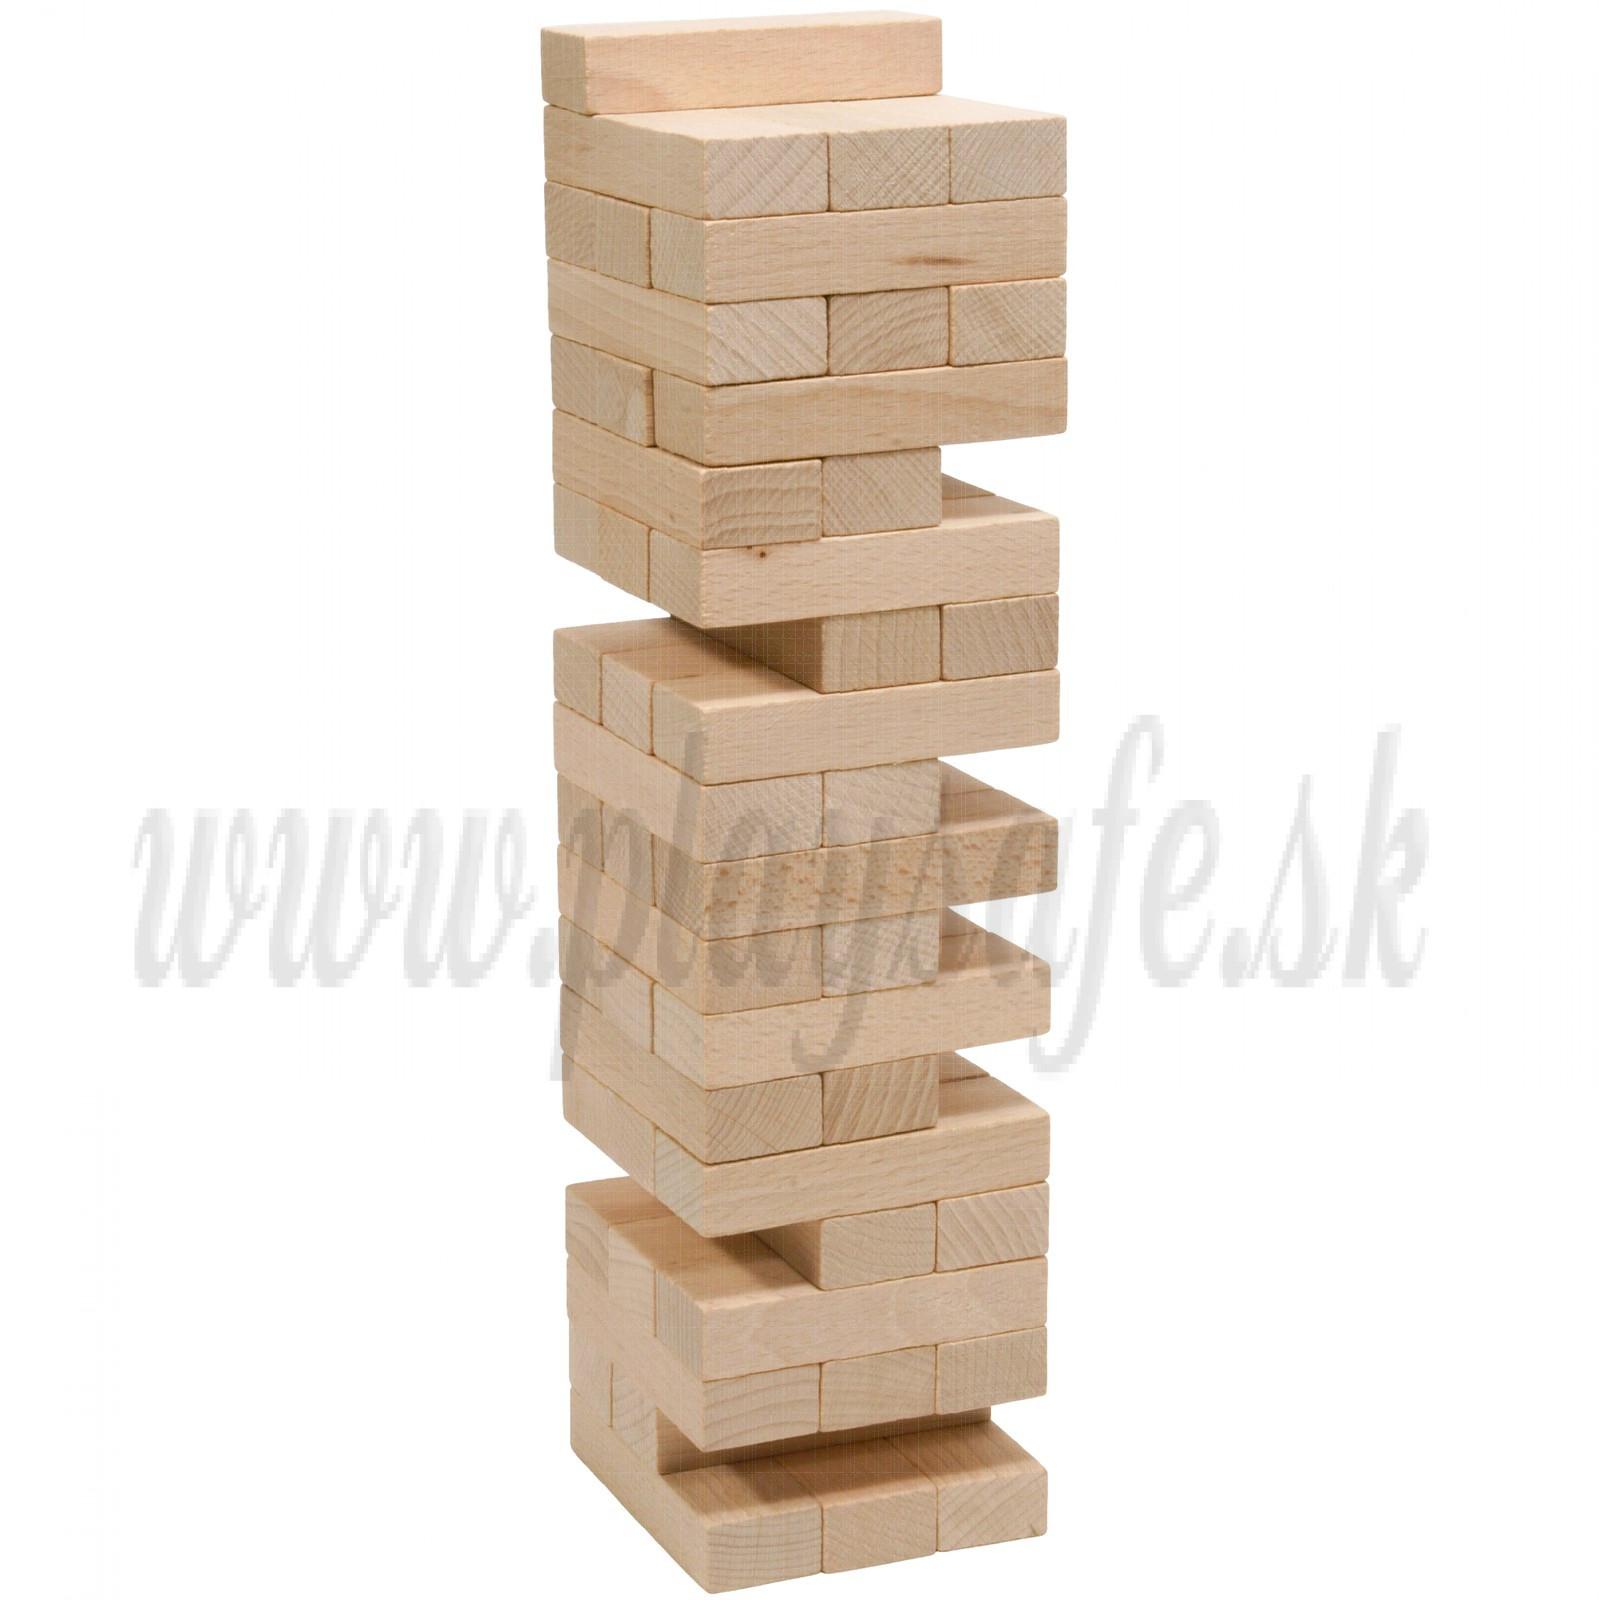 MIK Wooden Tumbling Jenga Tower Mikado Game Natural